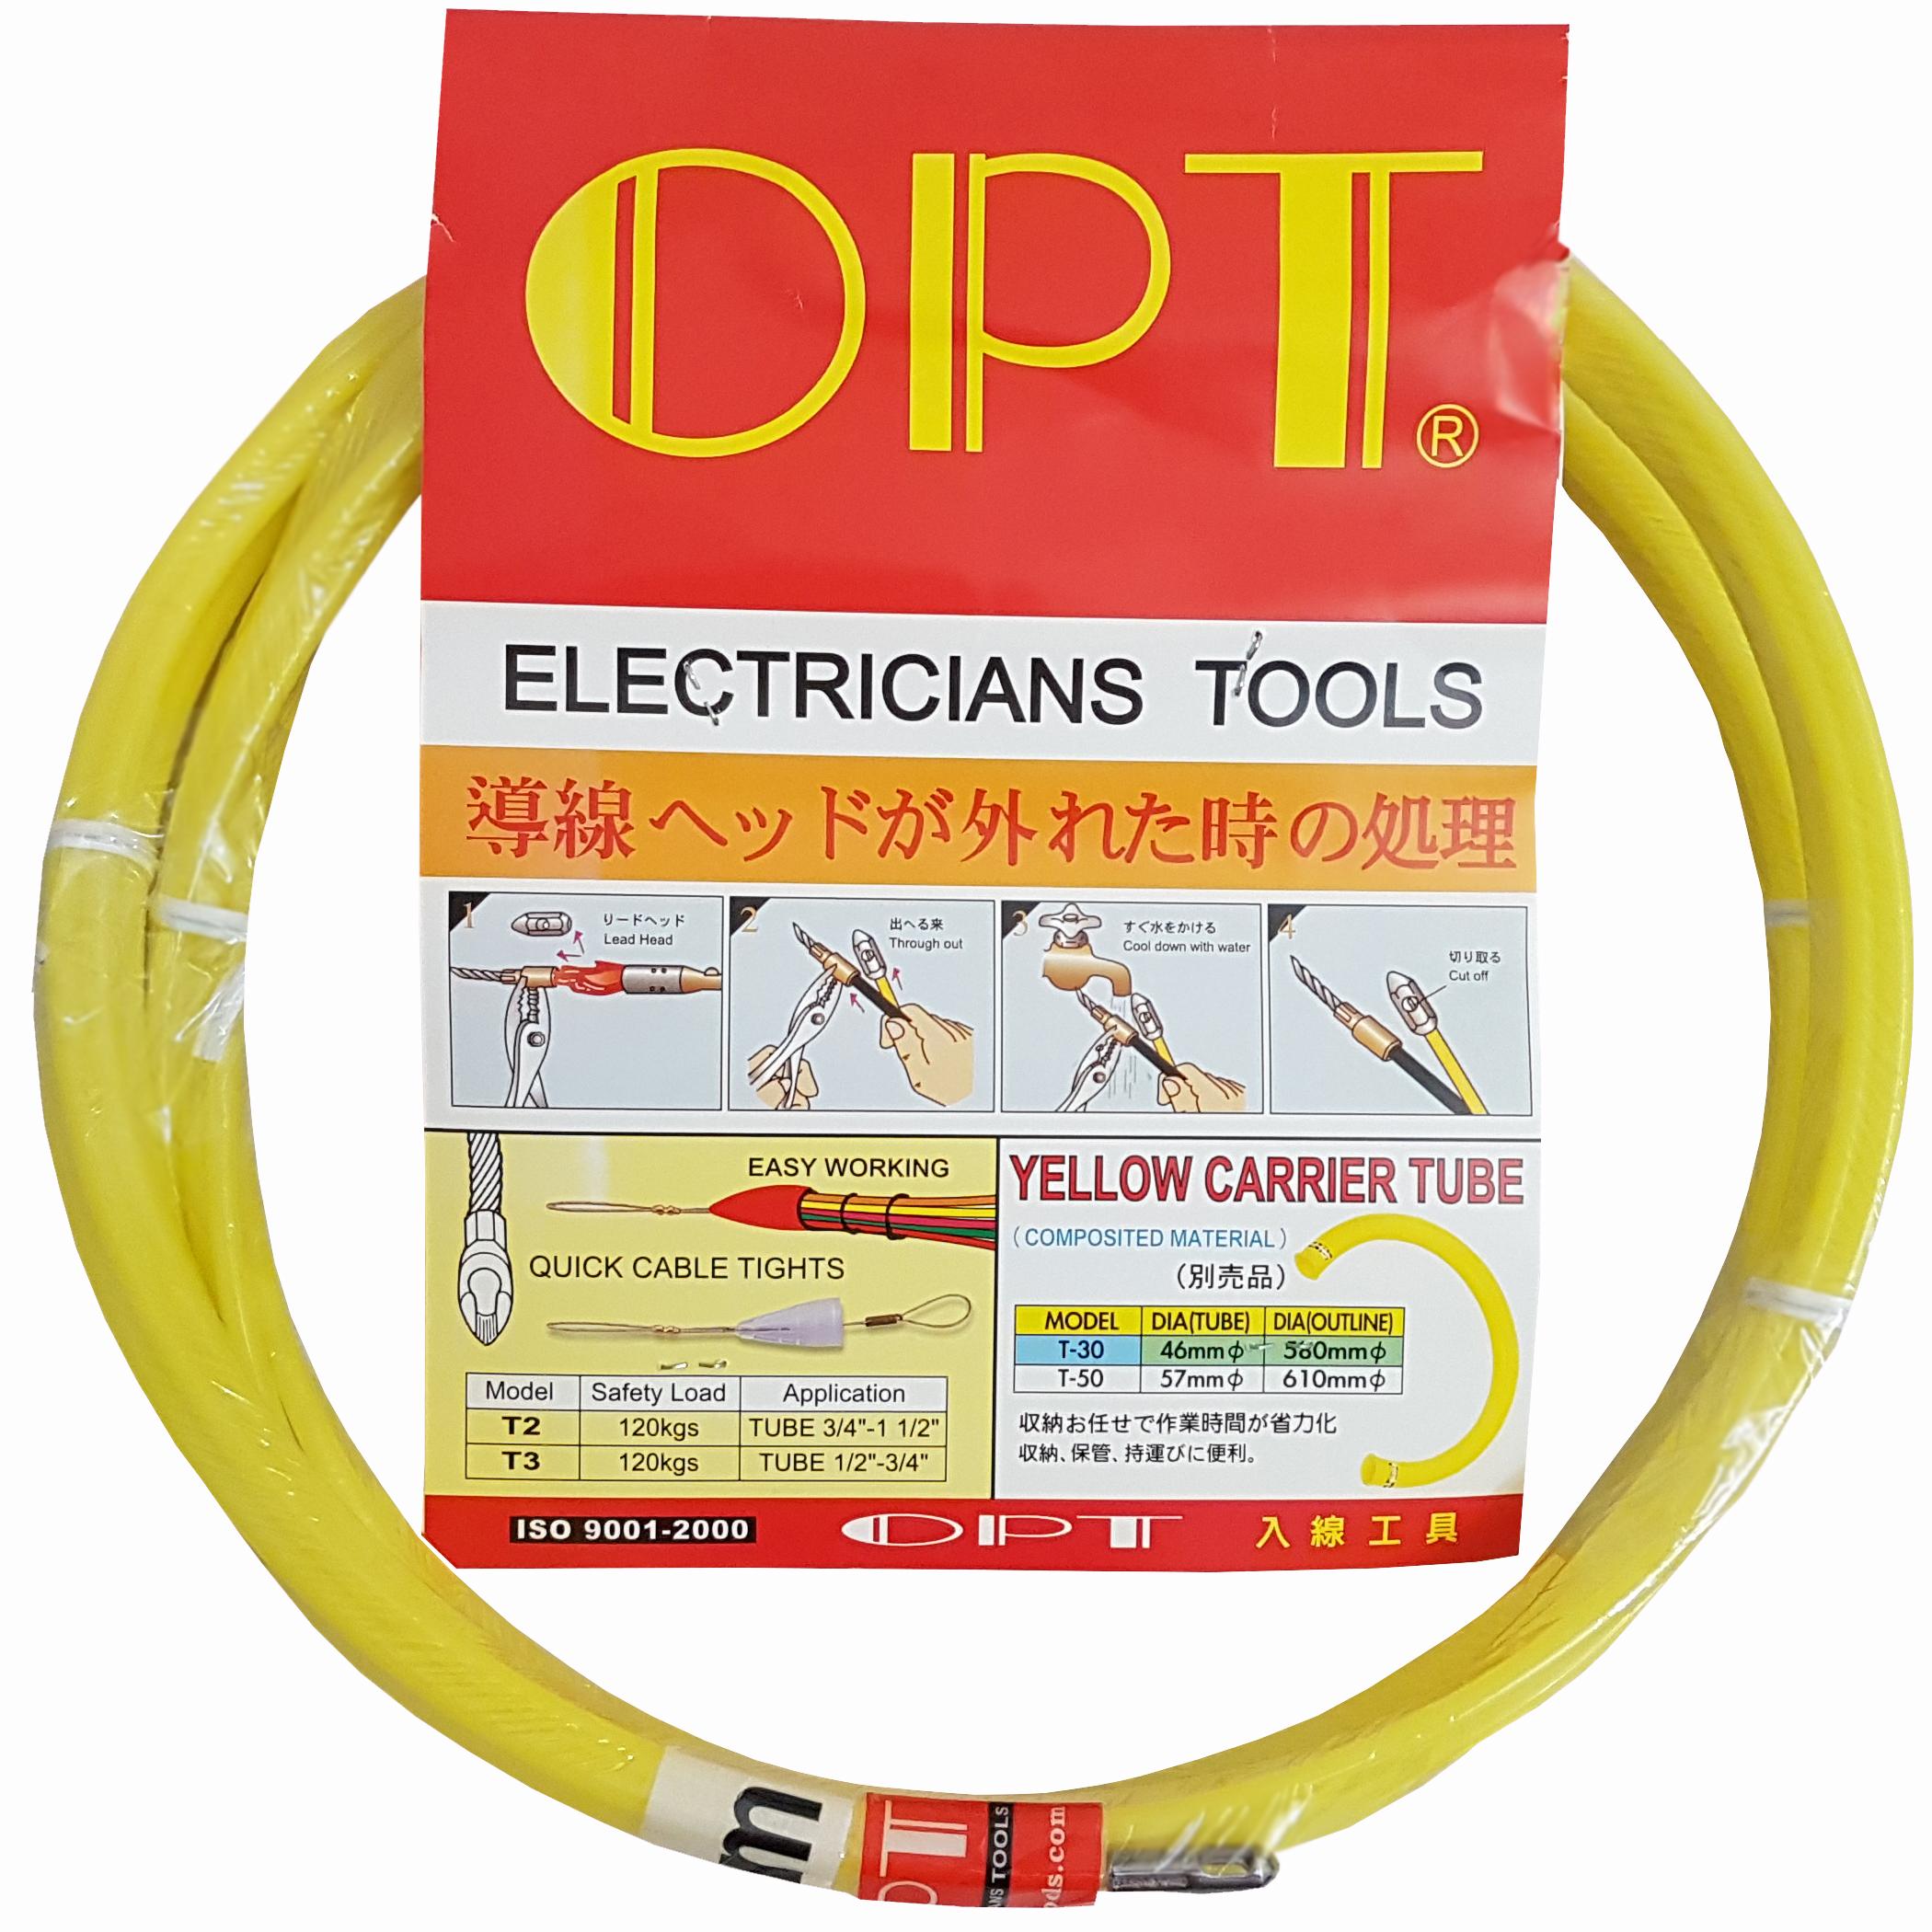 فنر سیم کشی برق کد OPT1 طول 10 متر